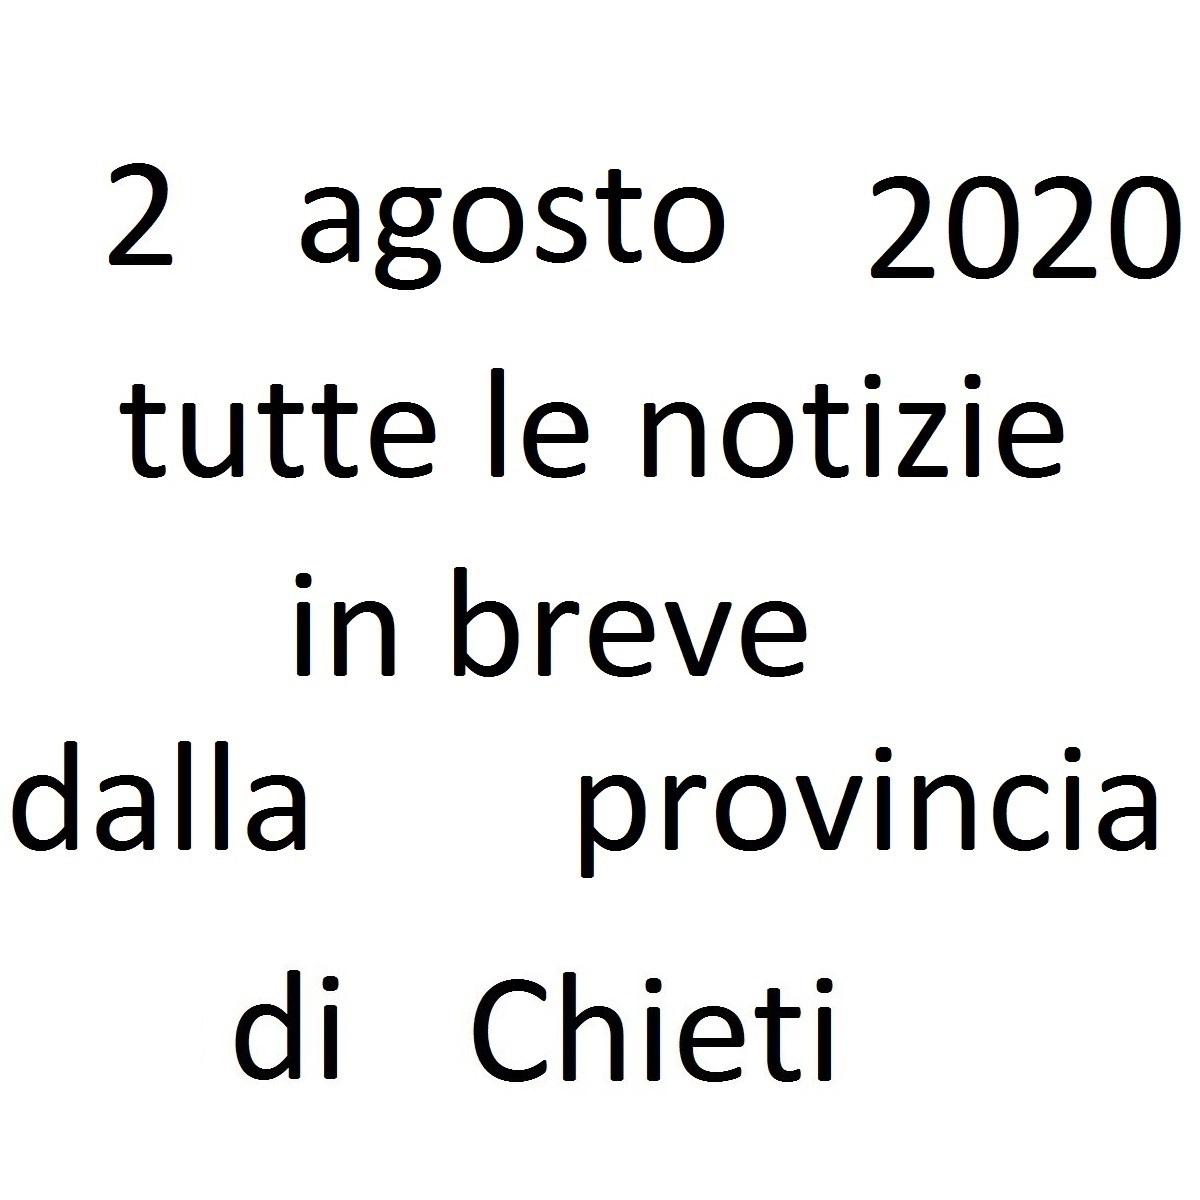 2 agosto 2020 notizie in breve dalla Provincia di Chieti foto